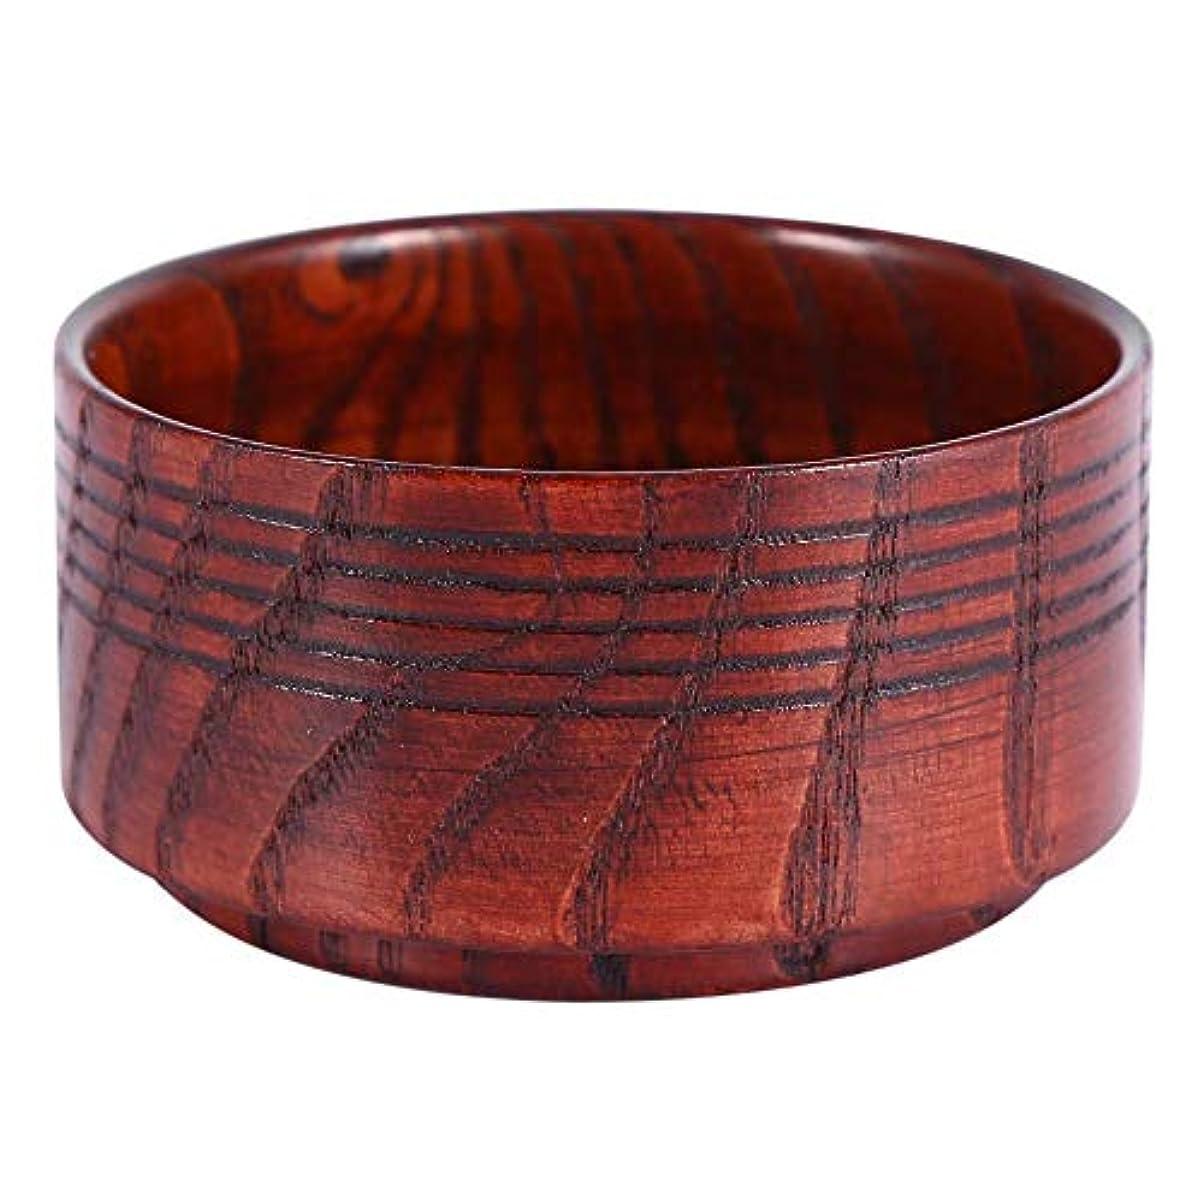 モックご注意連続的Qinlorgo シェービングボウル 木製ソープボウル シェービングマグ ソープボウル 木製マグ 男性用シェーブボウル